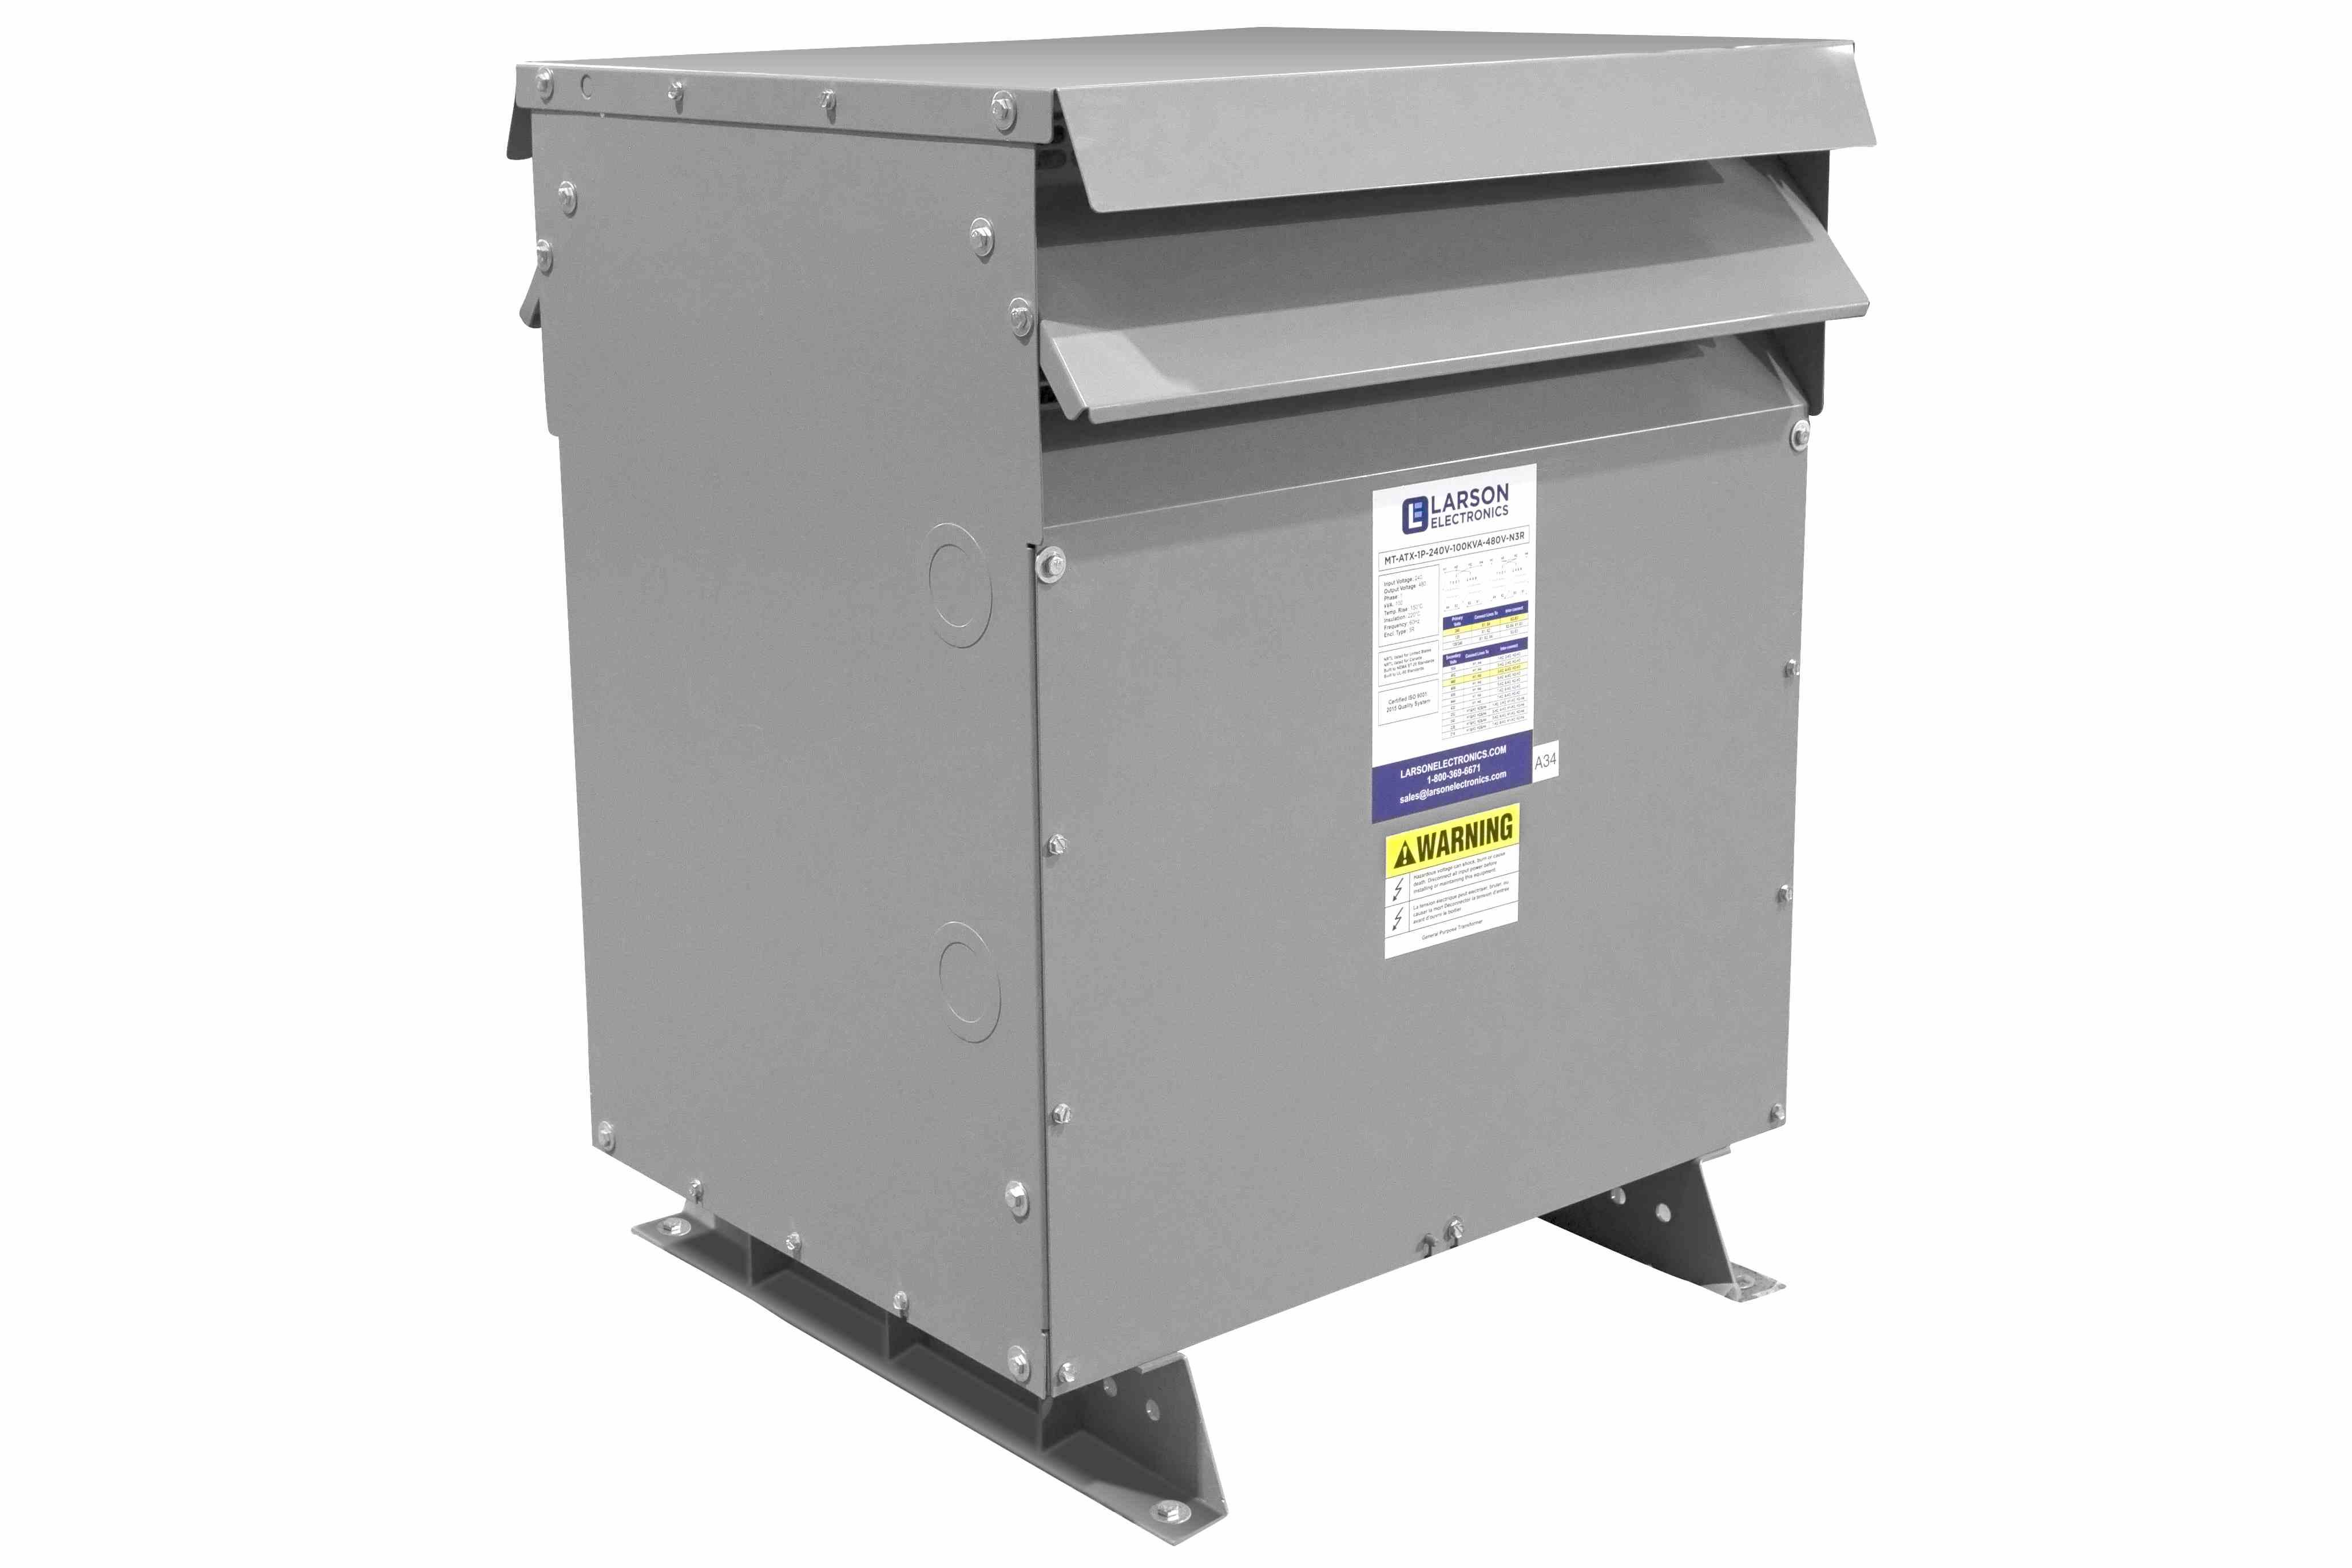 100 kVA 3PH Isolation Transformer, 480V Delta Primary, 600V Delta Secondary, N3R, Ventilated, 60 Hz